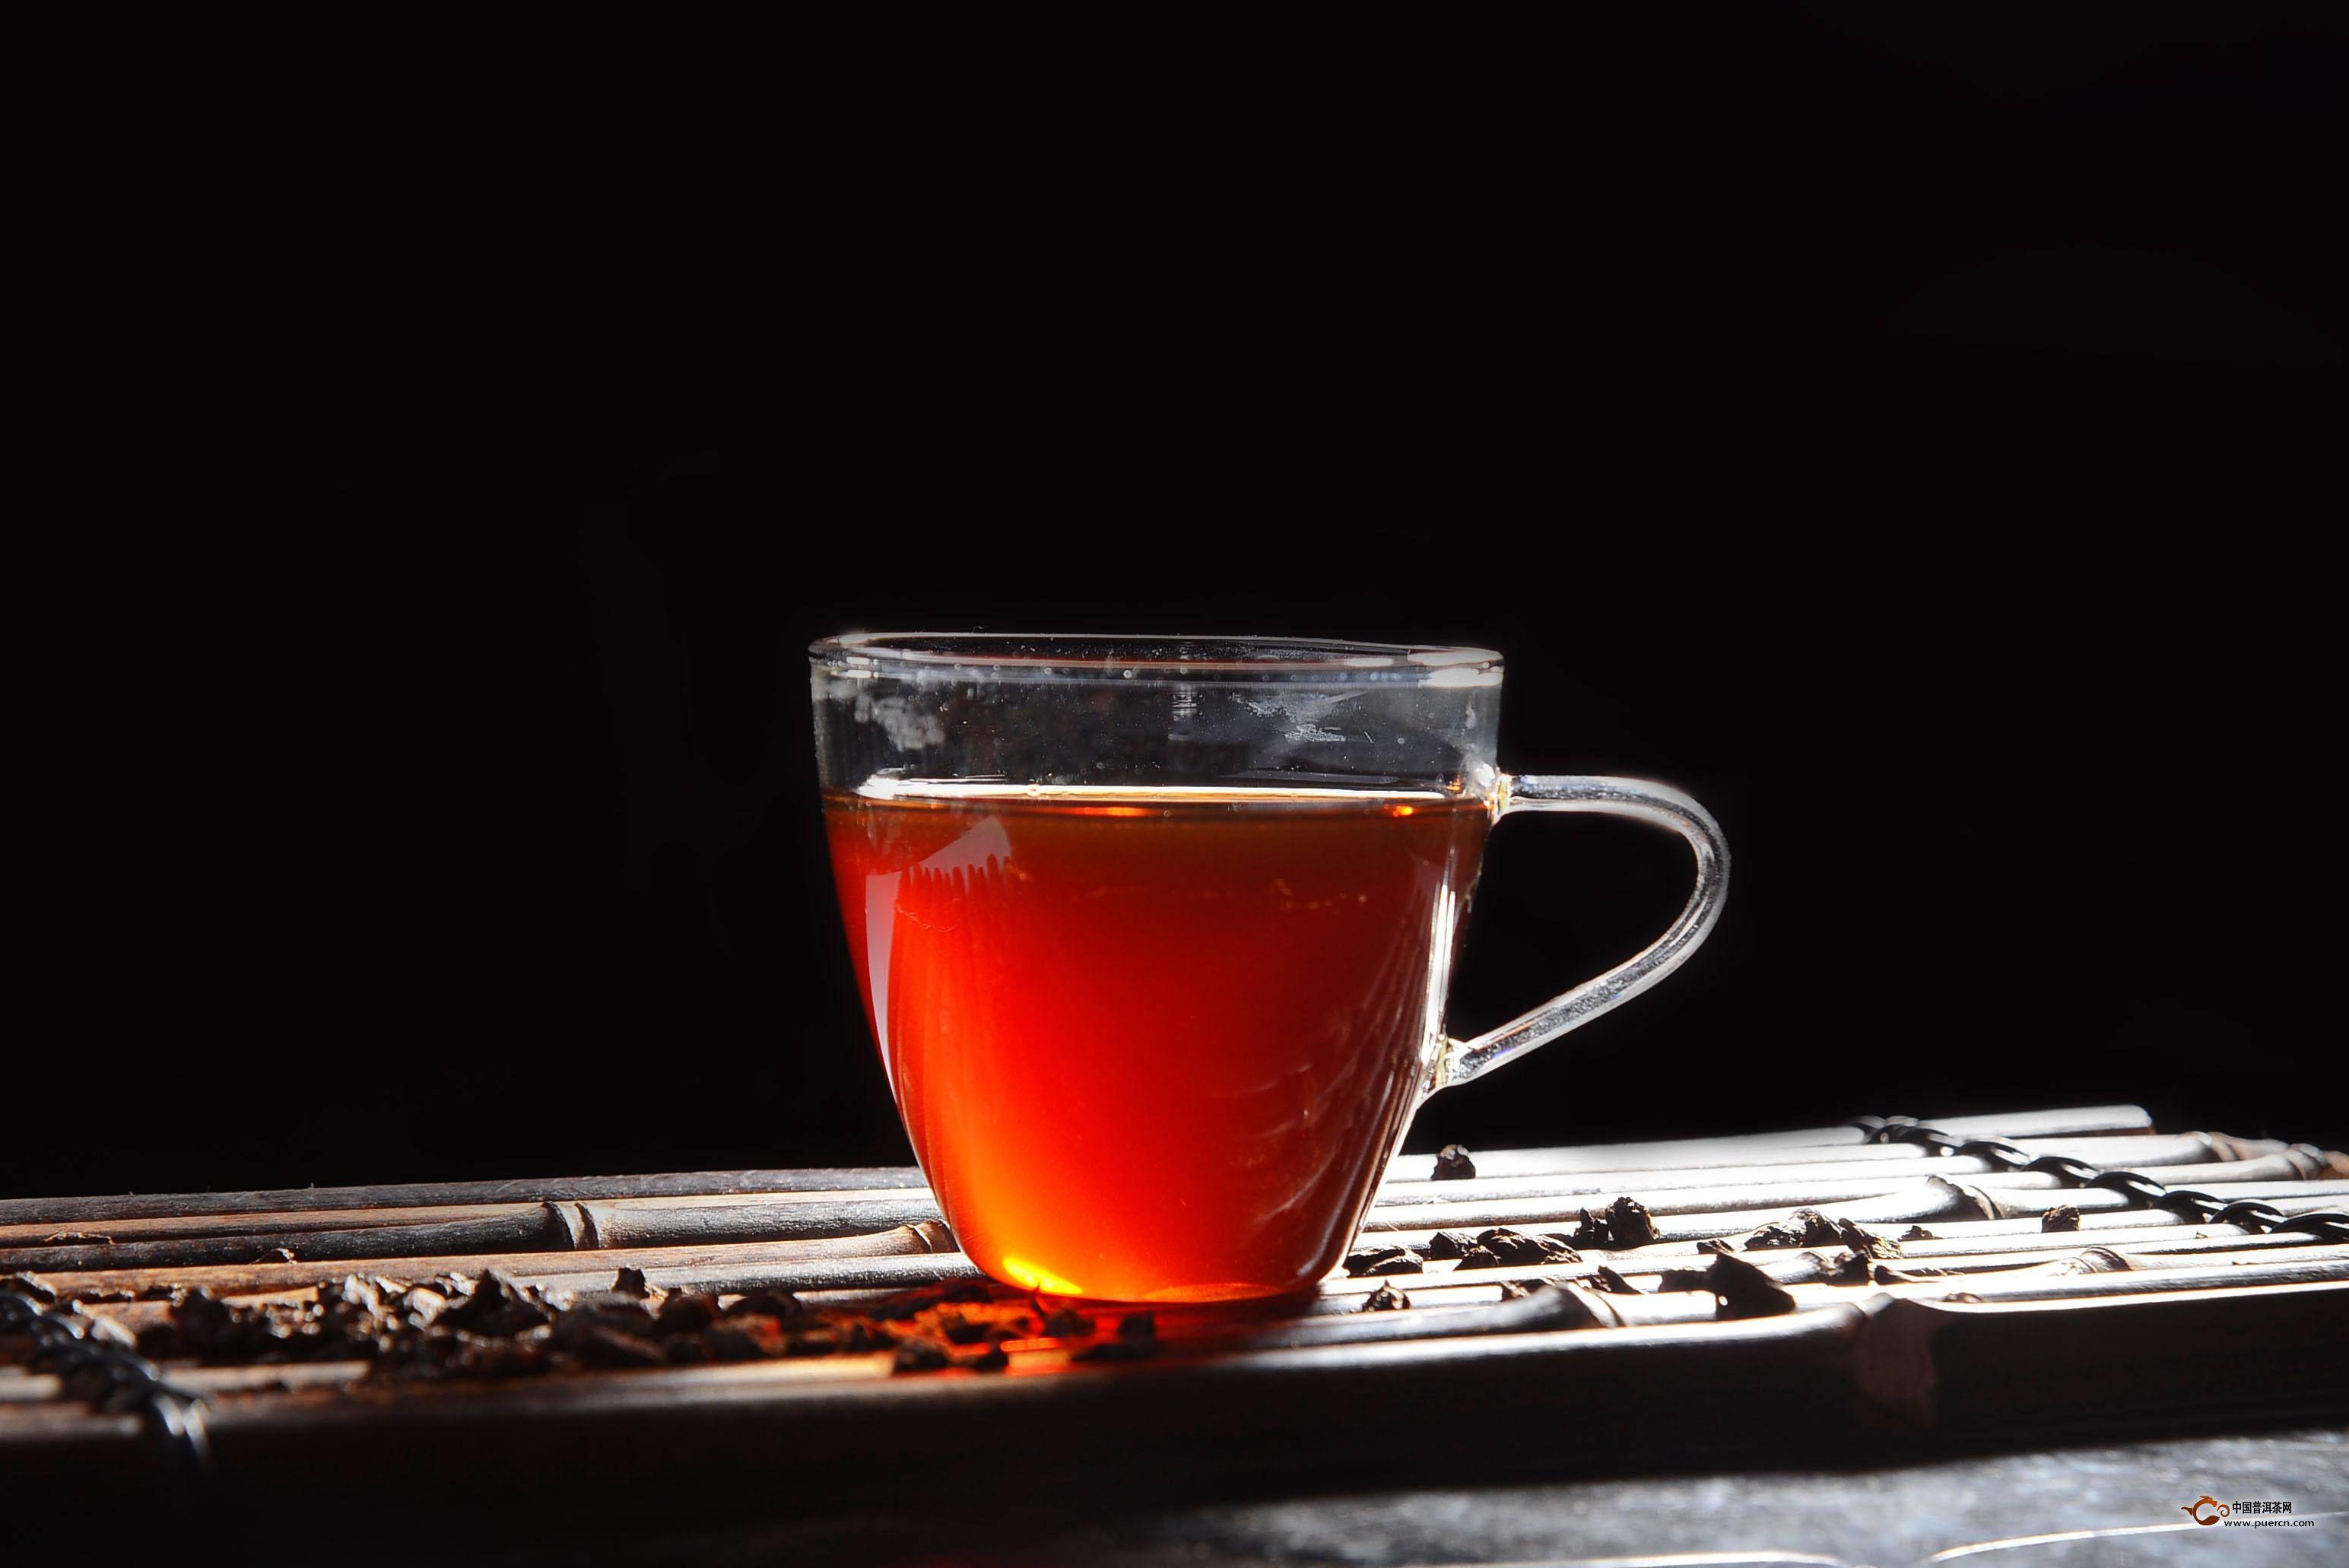 喝生姜红茶的不适人群